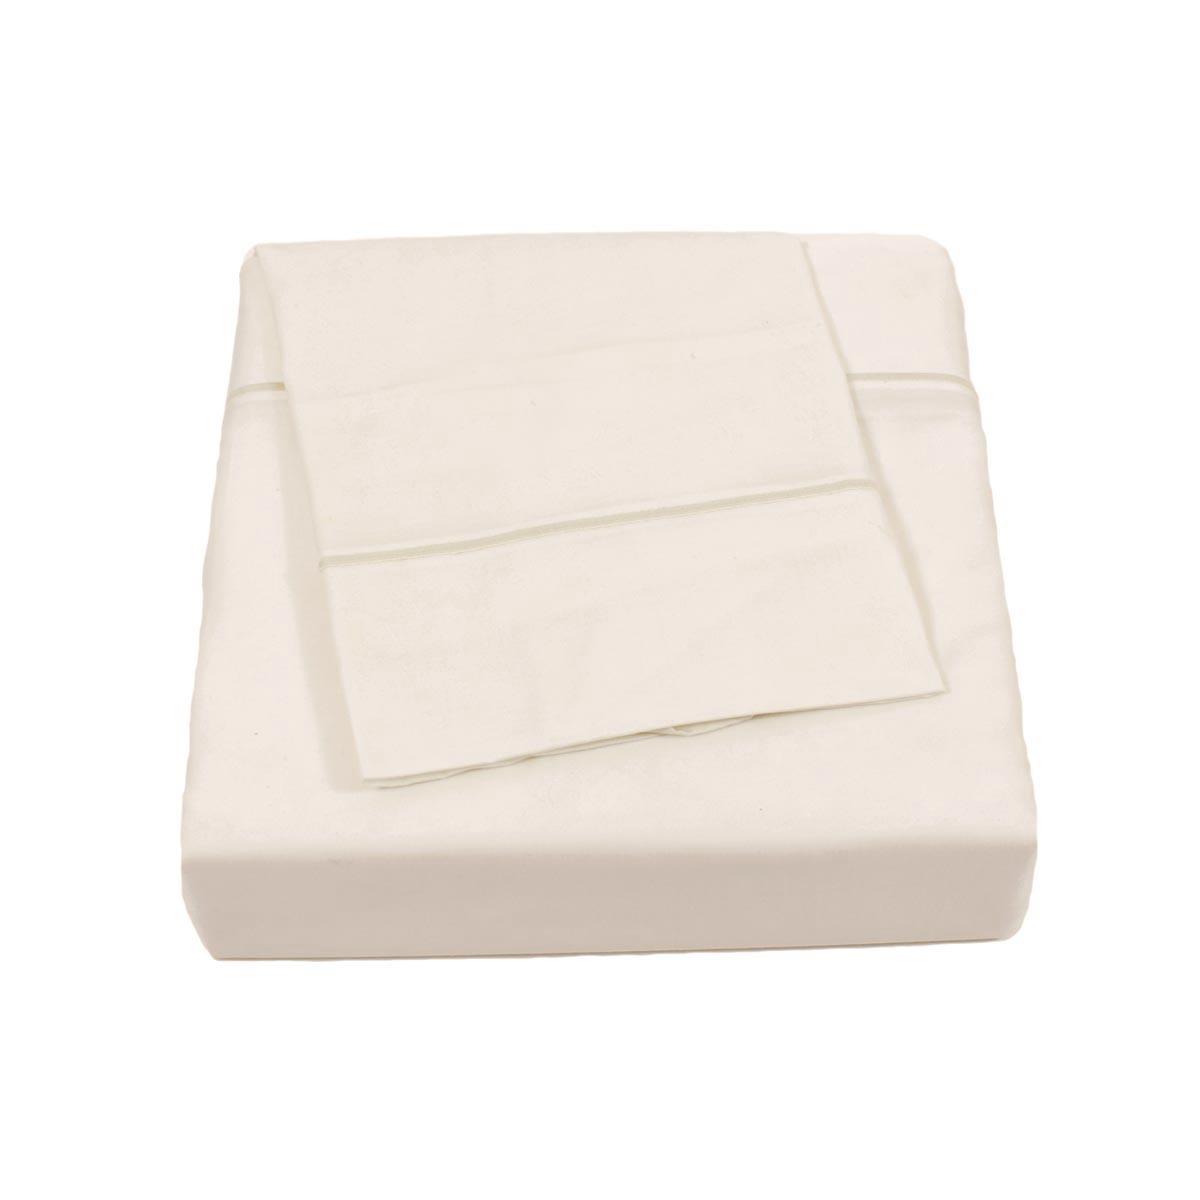 Σεντόνια Υπέρδιπλα (Σετ) BW Satin Cotton Cream